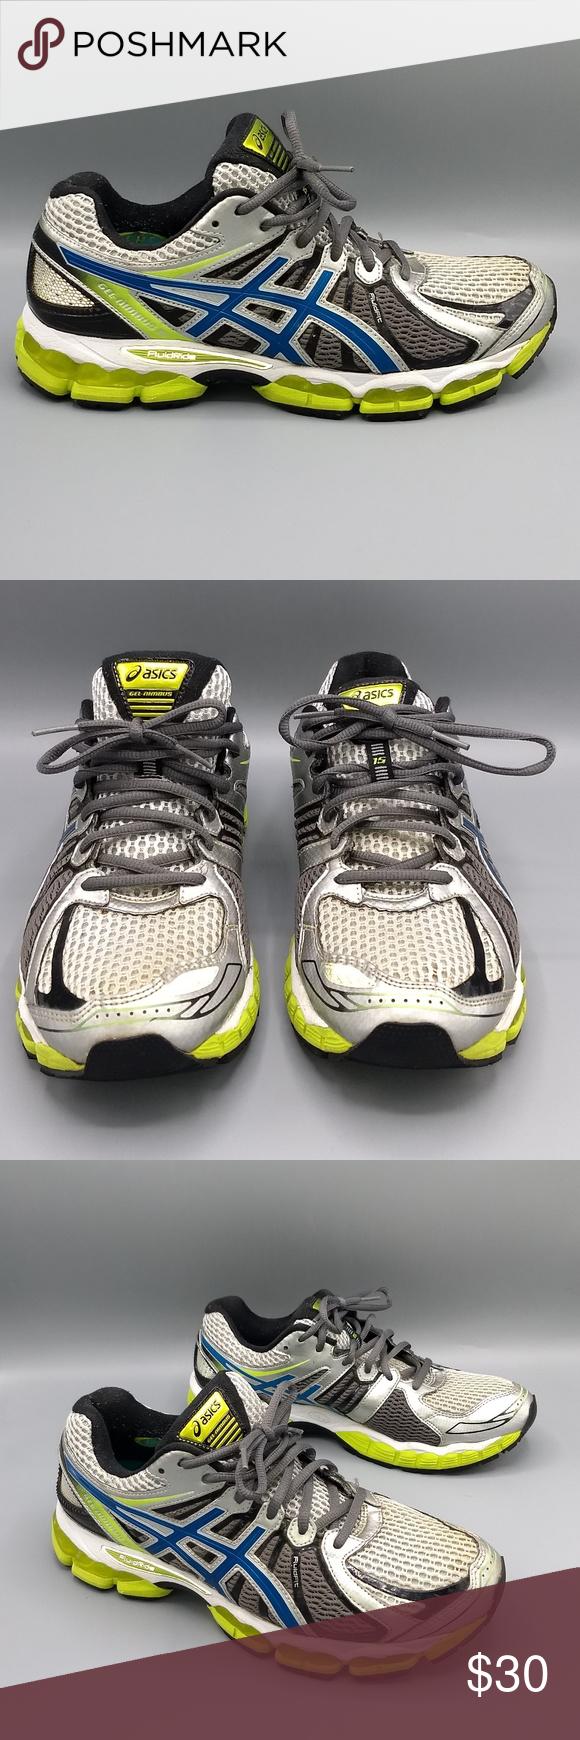 Asics Gel-Nimbus 15 T3B0N Running Shoes